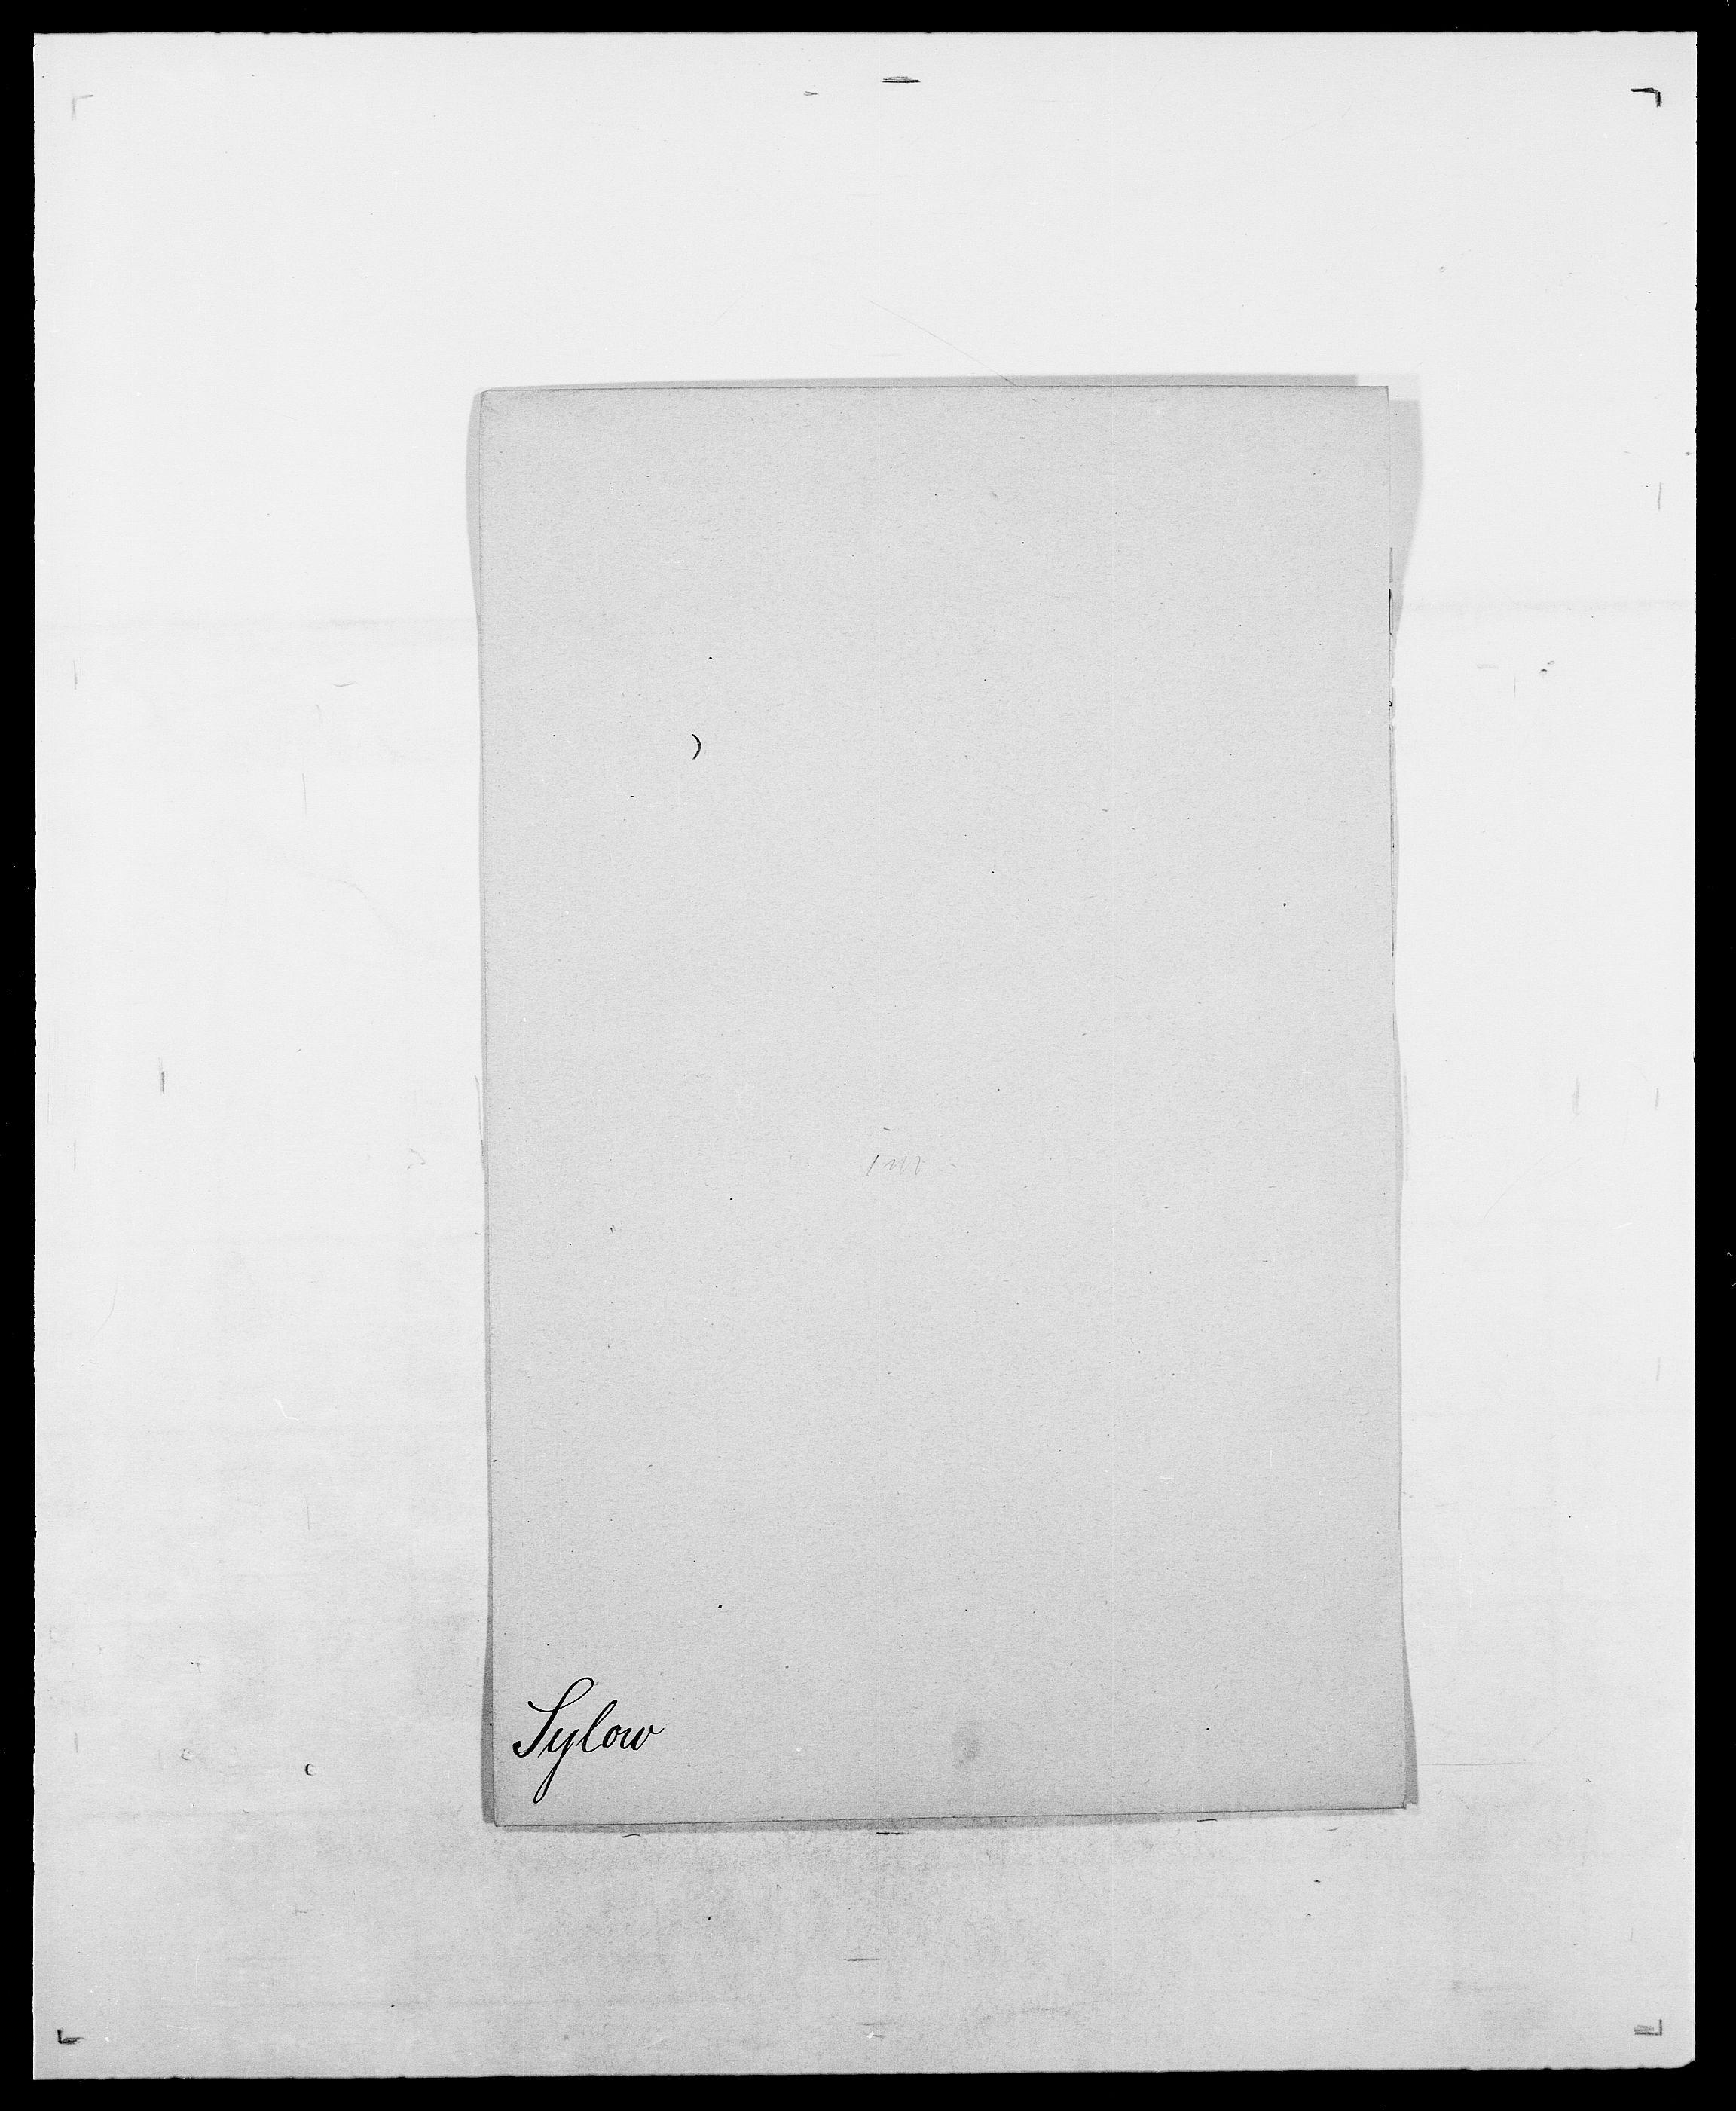 SAO, Delgobe, Charles Antoine - samling, D/Da/L0038: Svanenskjold - Thornsohn, s. 91